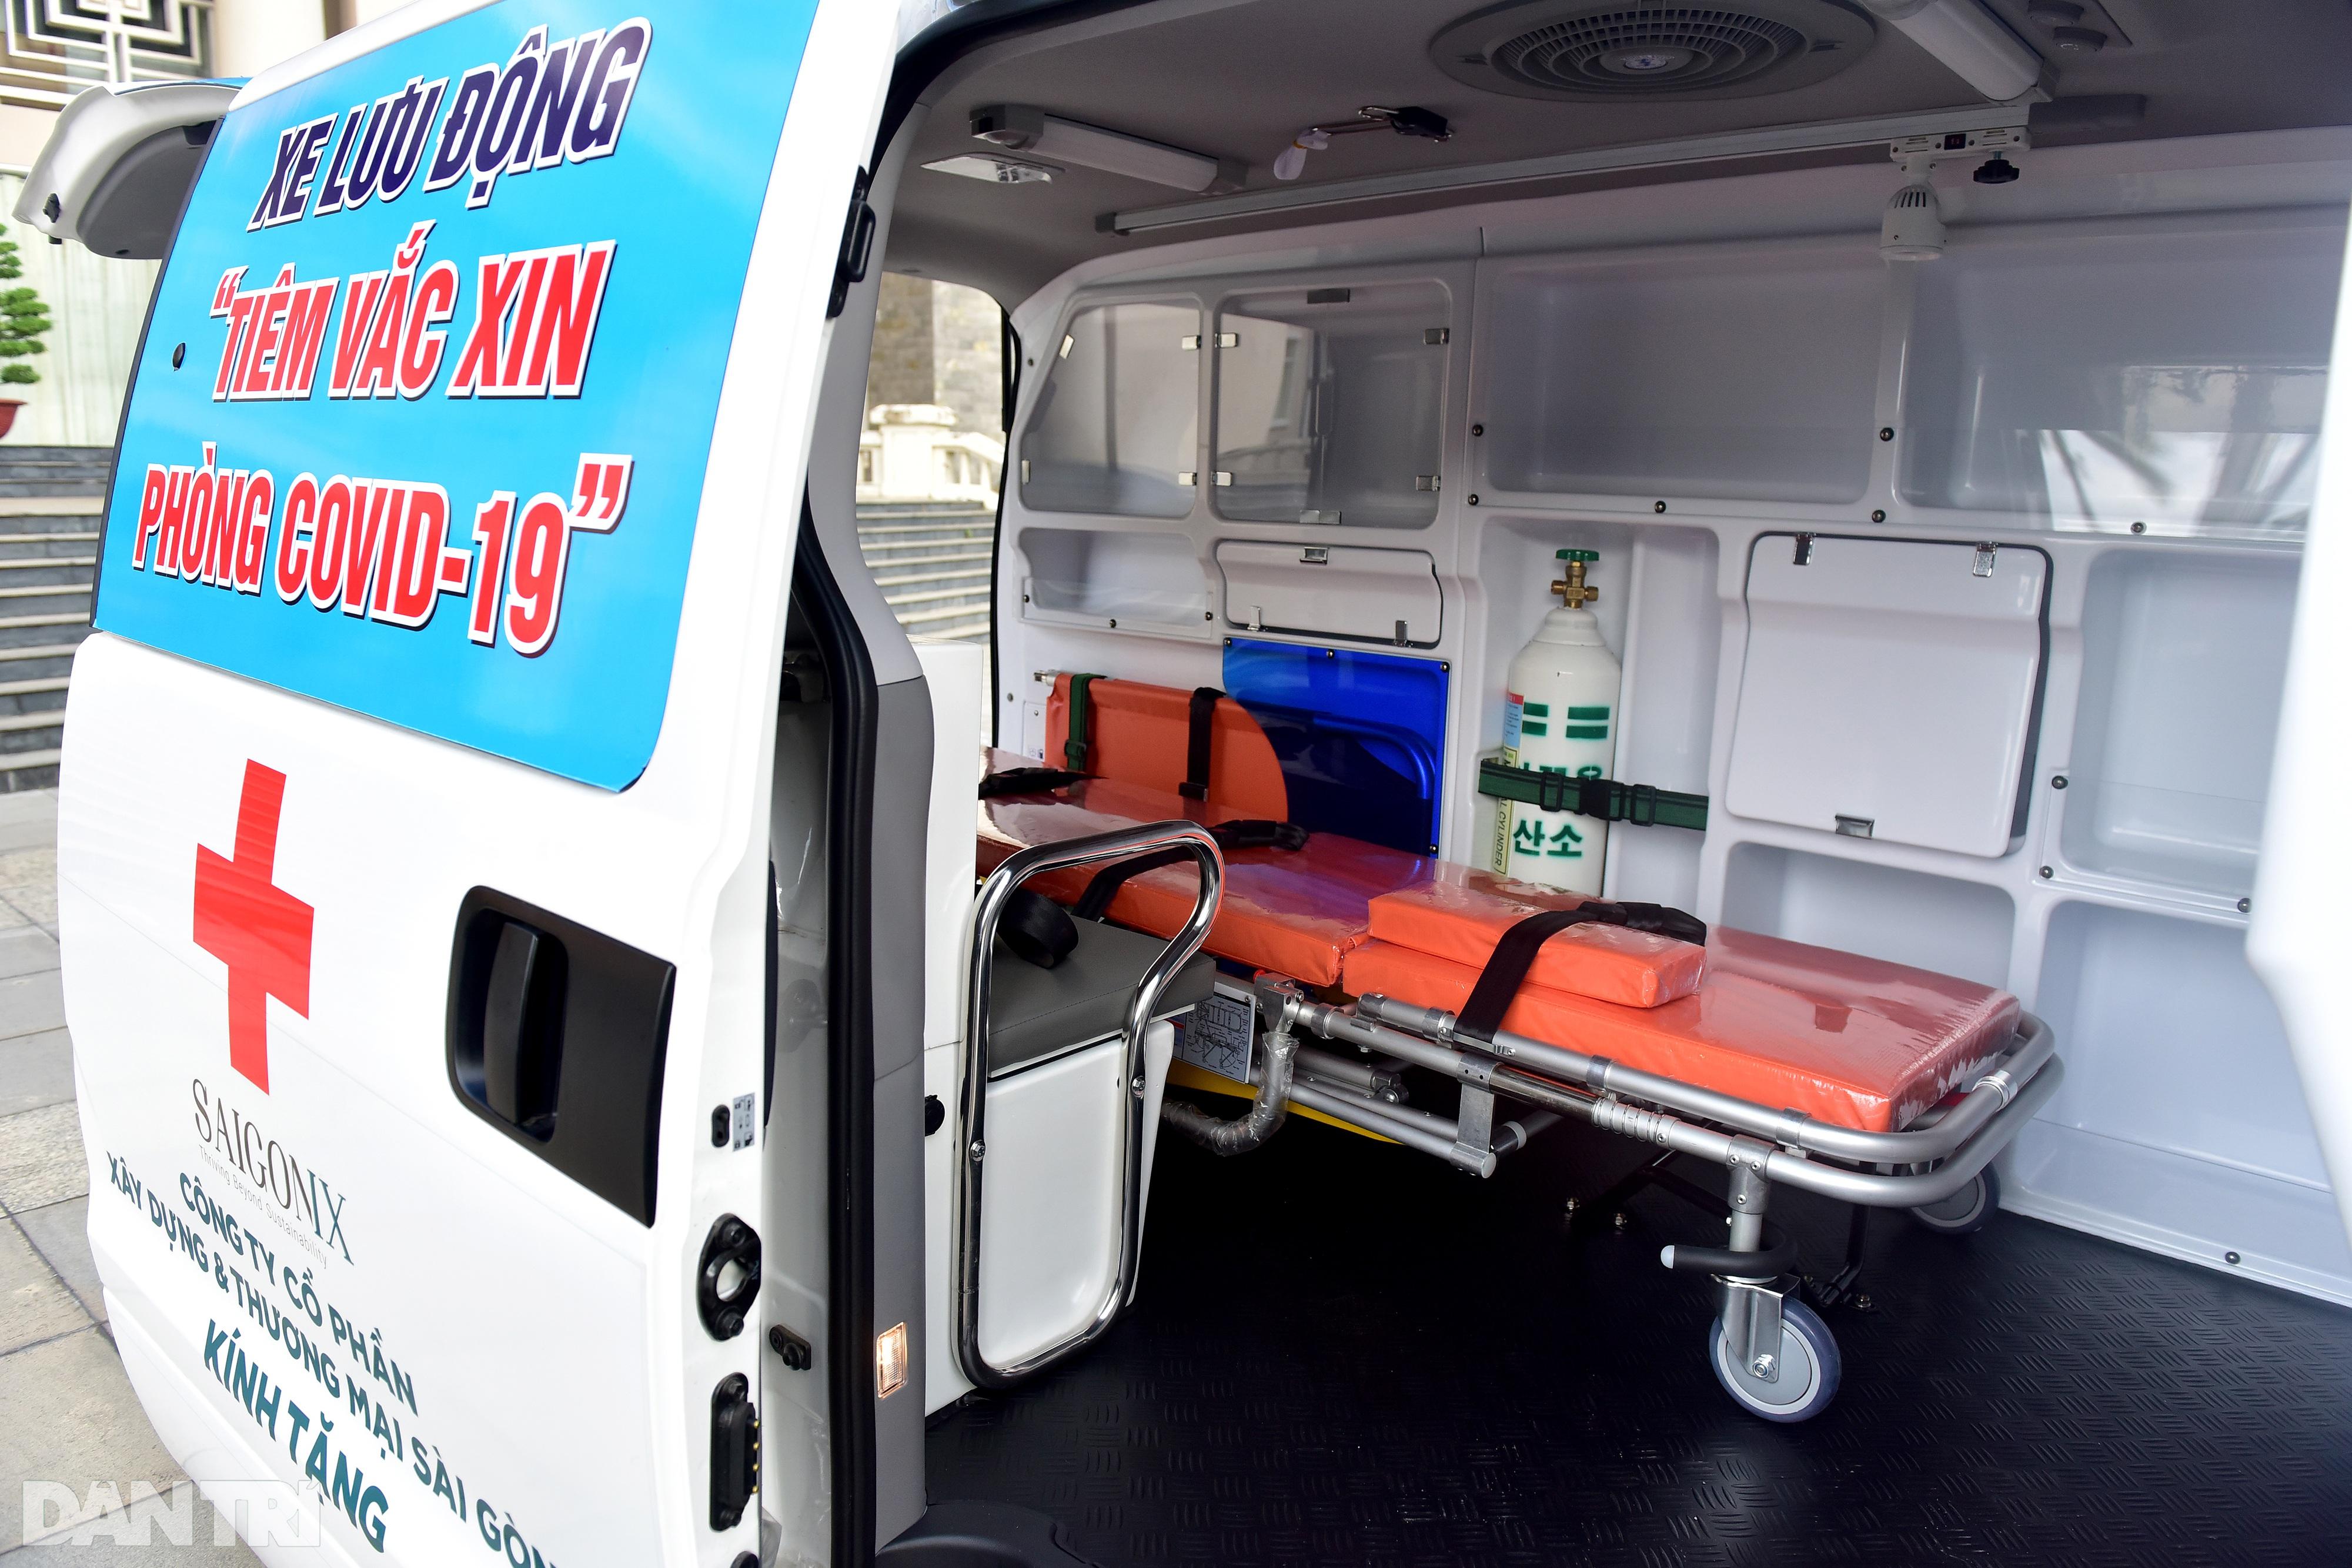 Theo chân xe lưu động tiêm vắc xin ở các khu dân cư, điểm cách ly tại TPHCM - 3